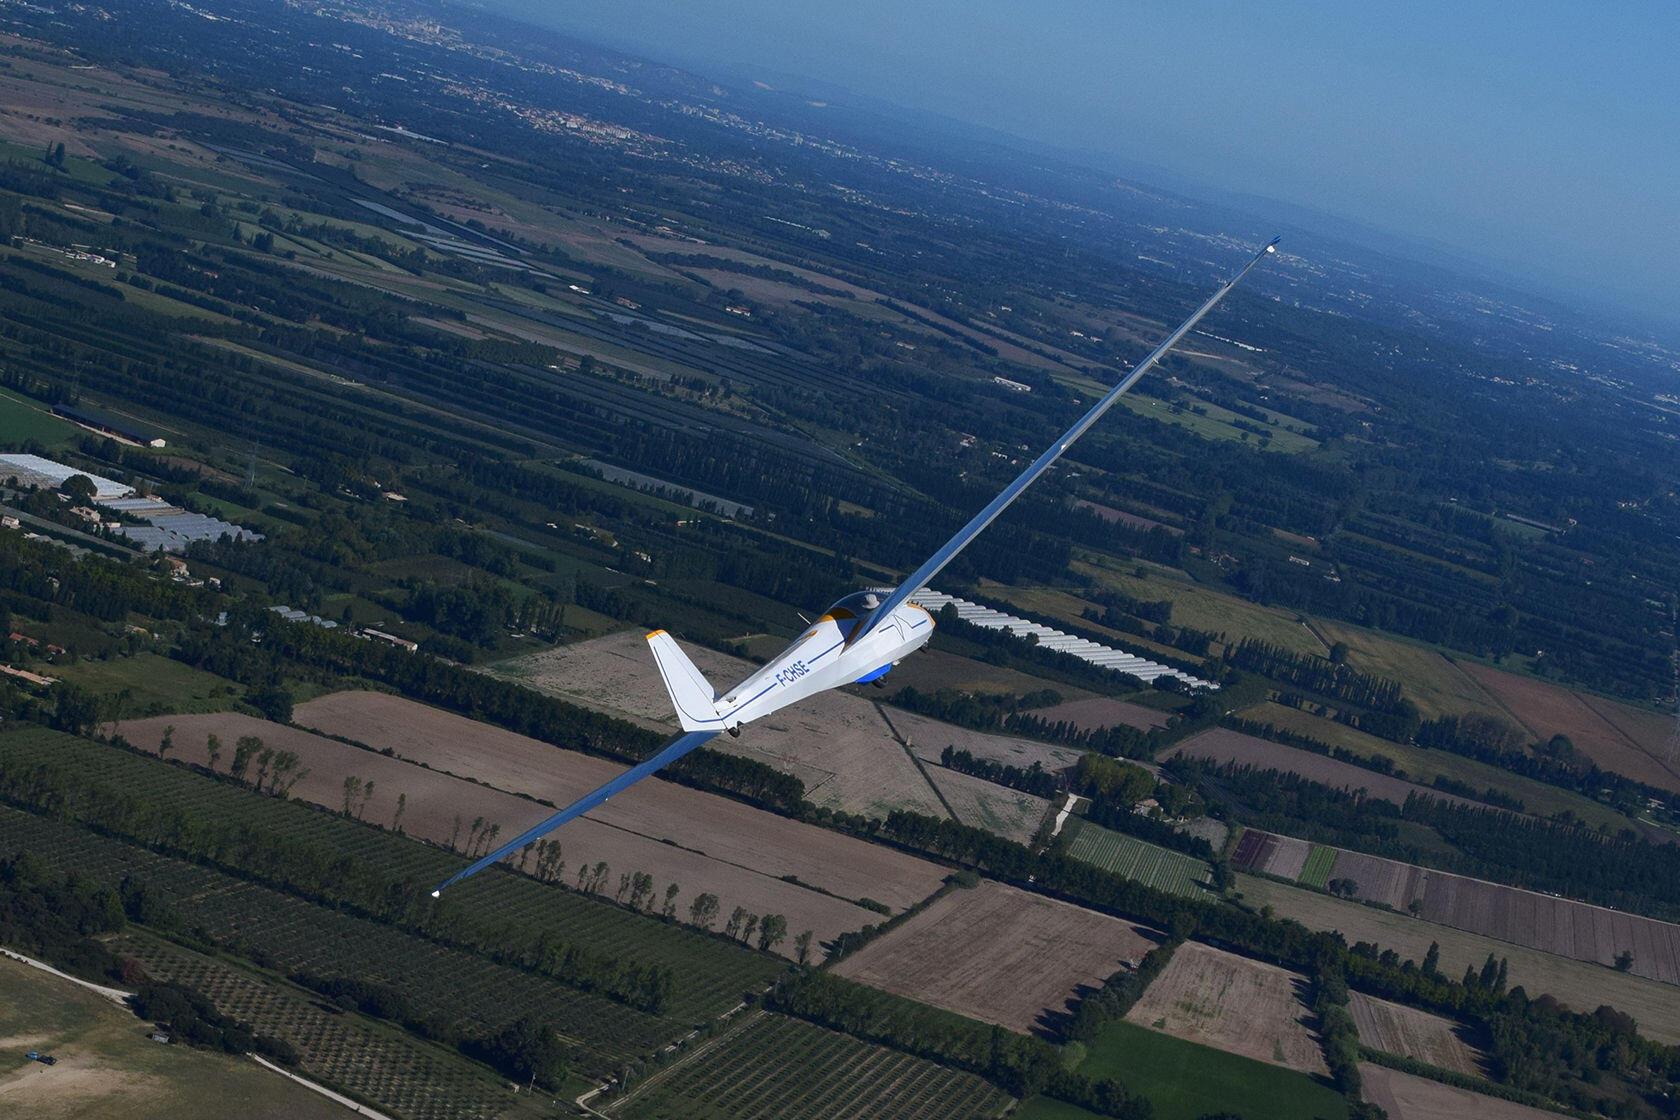 Gliding Aéroclub des Alpilles by Alex Martinez